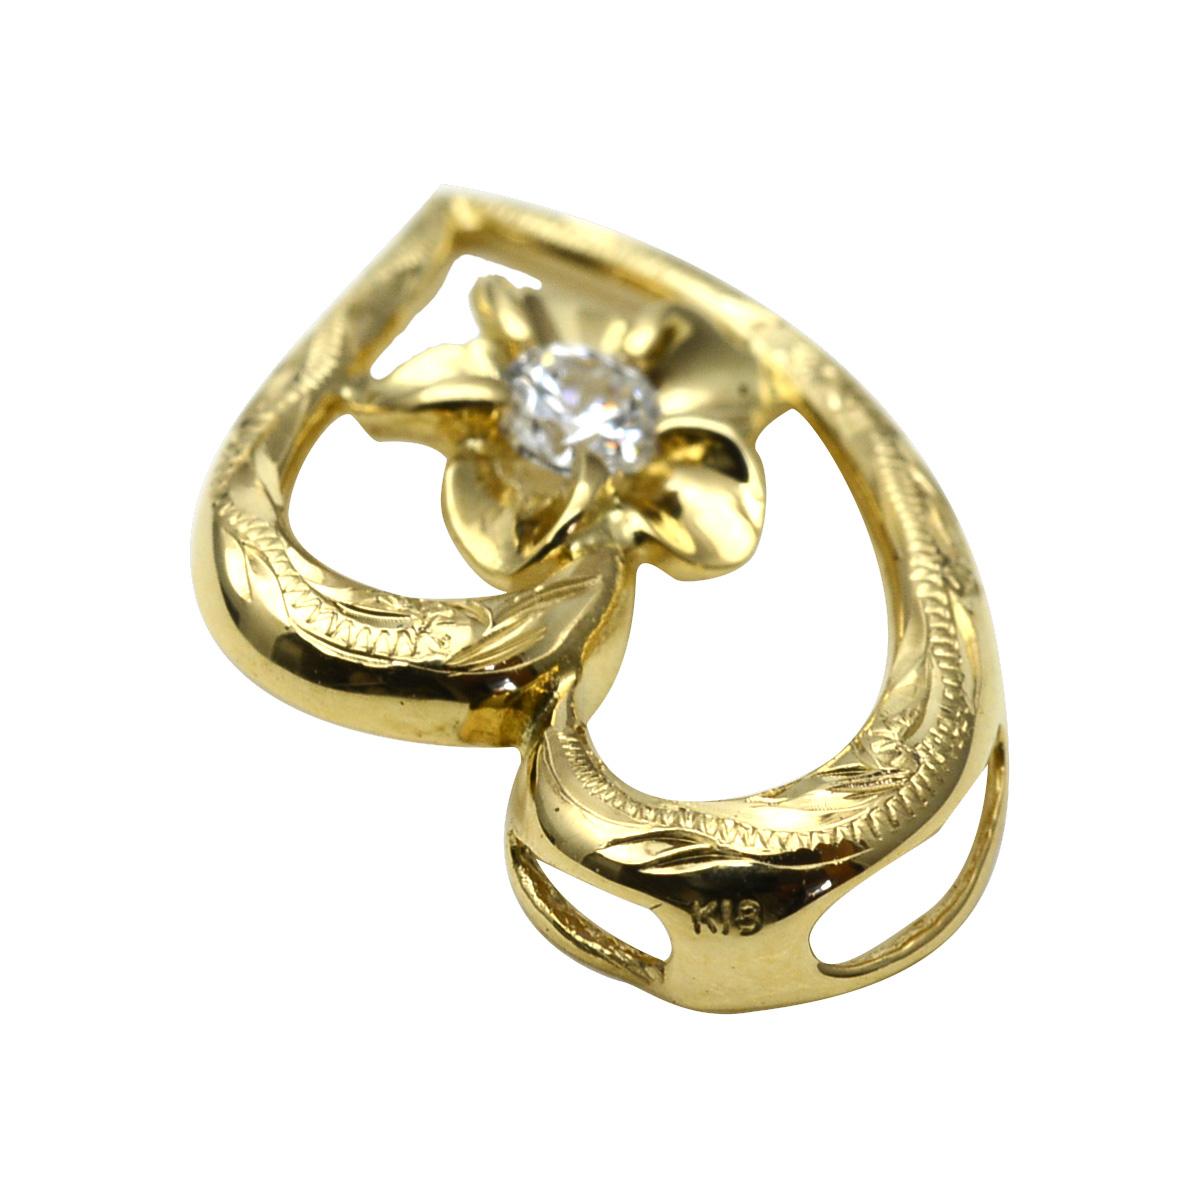 K10 ハワイアンジュエリー ネックレス GOLD オープンハート プルメリア ダイヤモンド ペンダントトップ ※付属チェーンなし apd1196ac